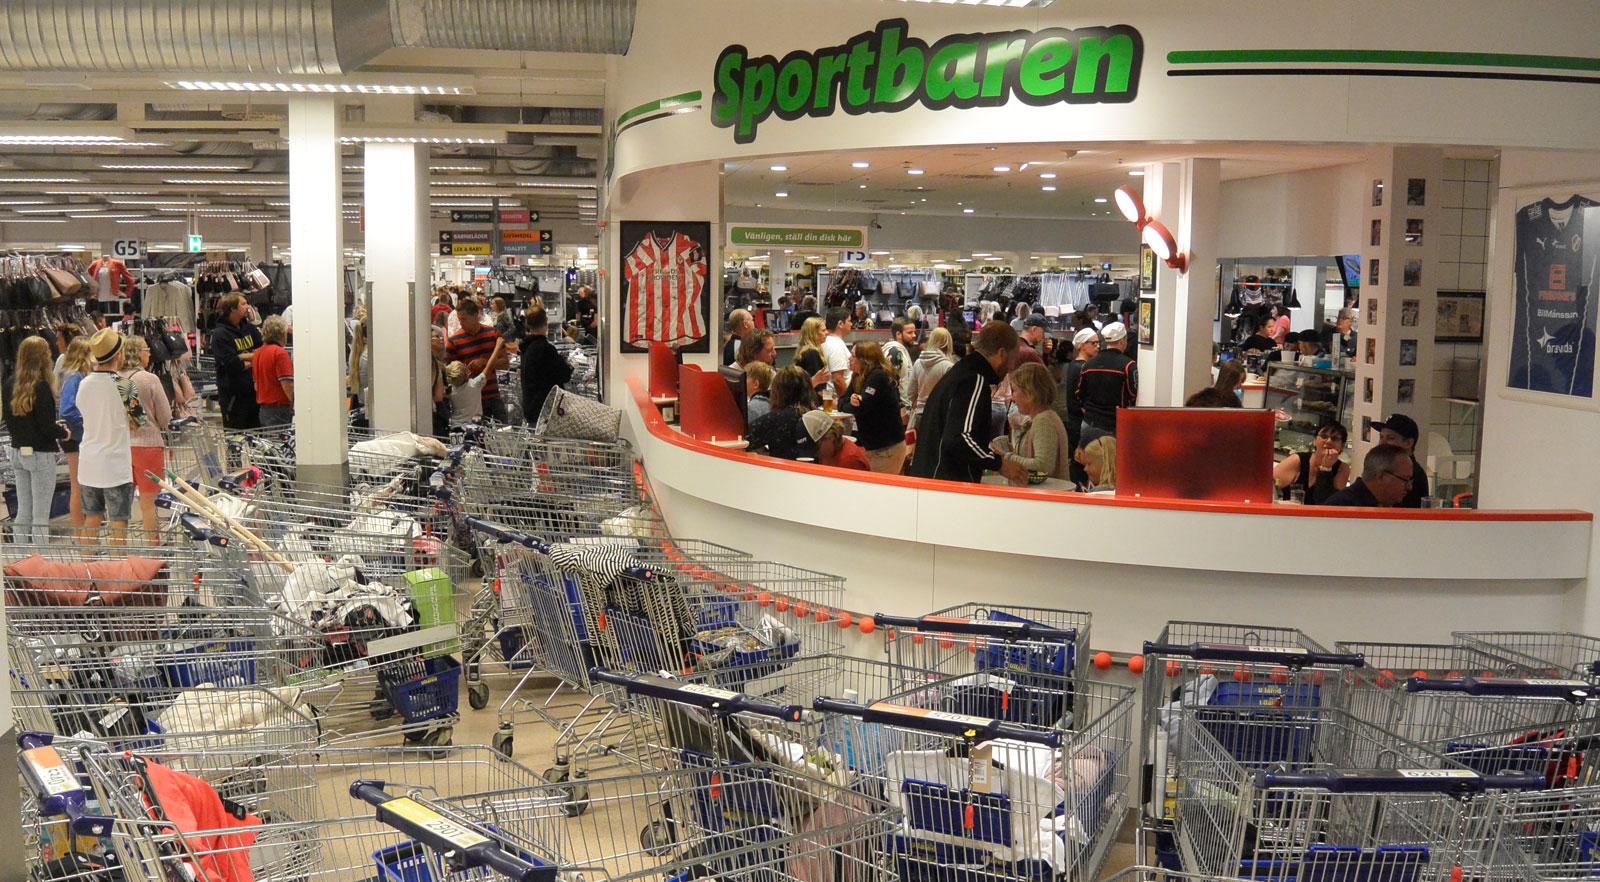 Kundvagnsparkeringen utanför den shoppingfredade zonen, Sportbaren.